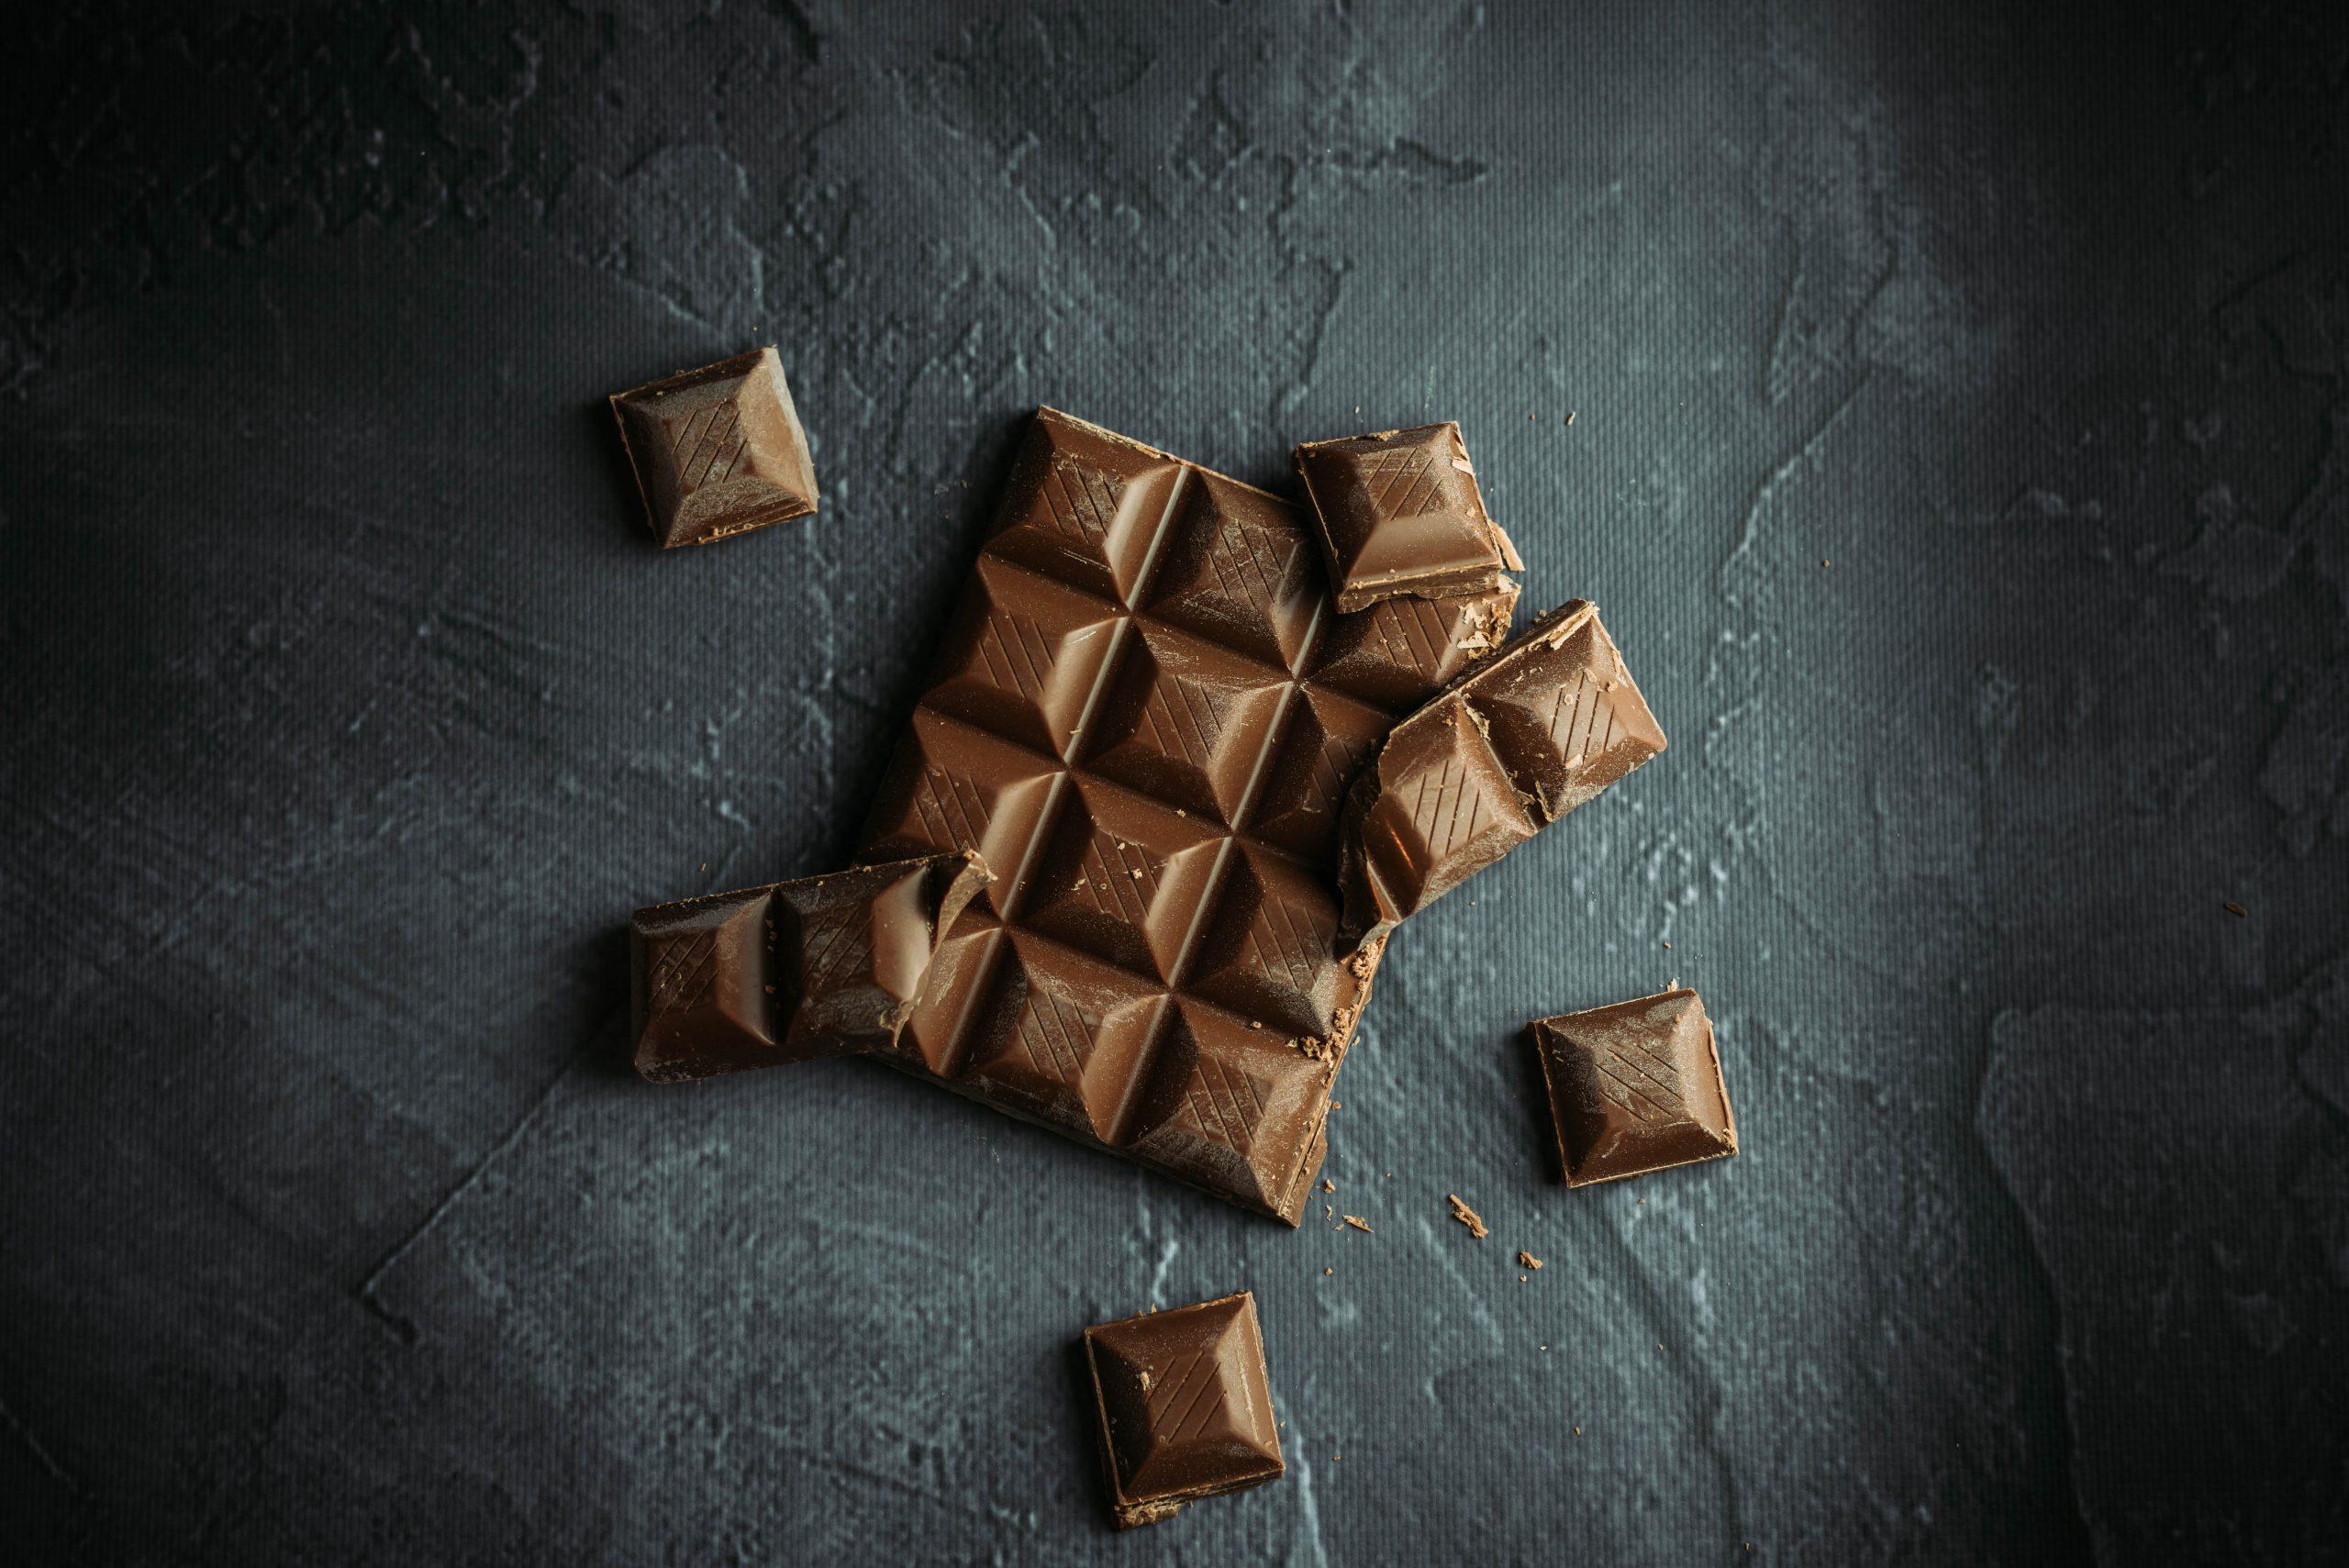 Barra de chocolate sobre fondo oscuro